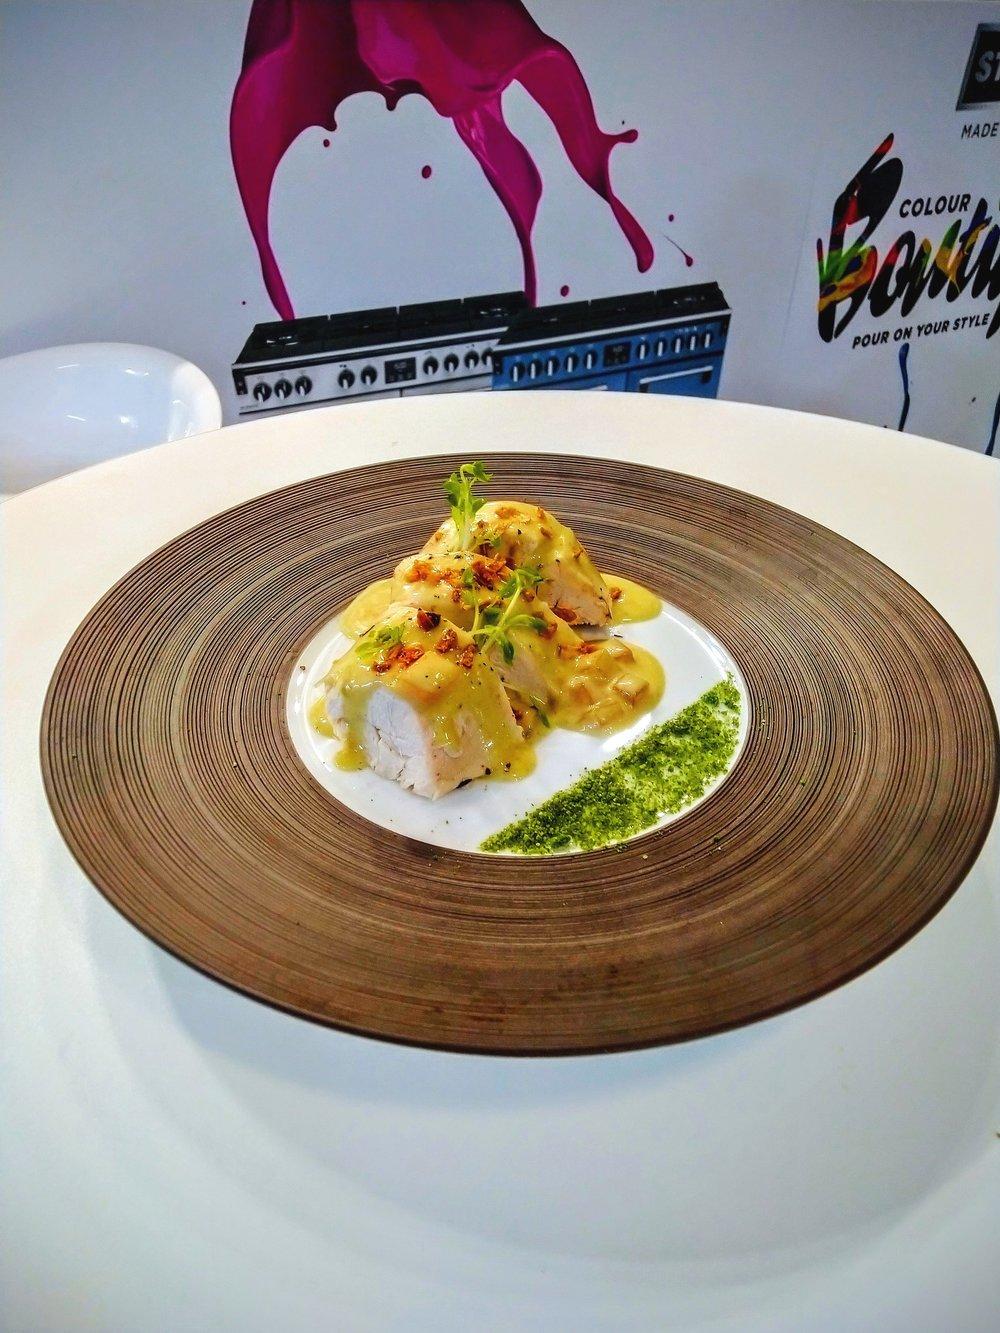 Coronation+Chicken+Chef+Cyril+Rouquet+Pr%C3%A9vost